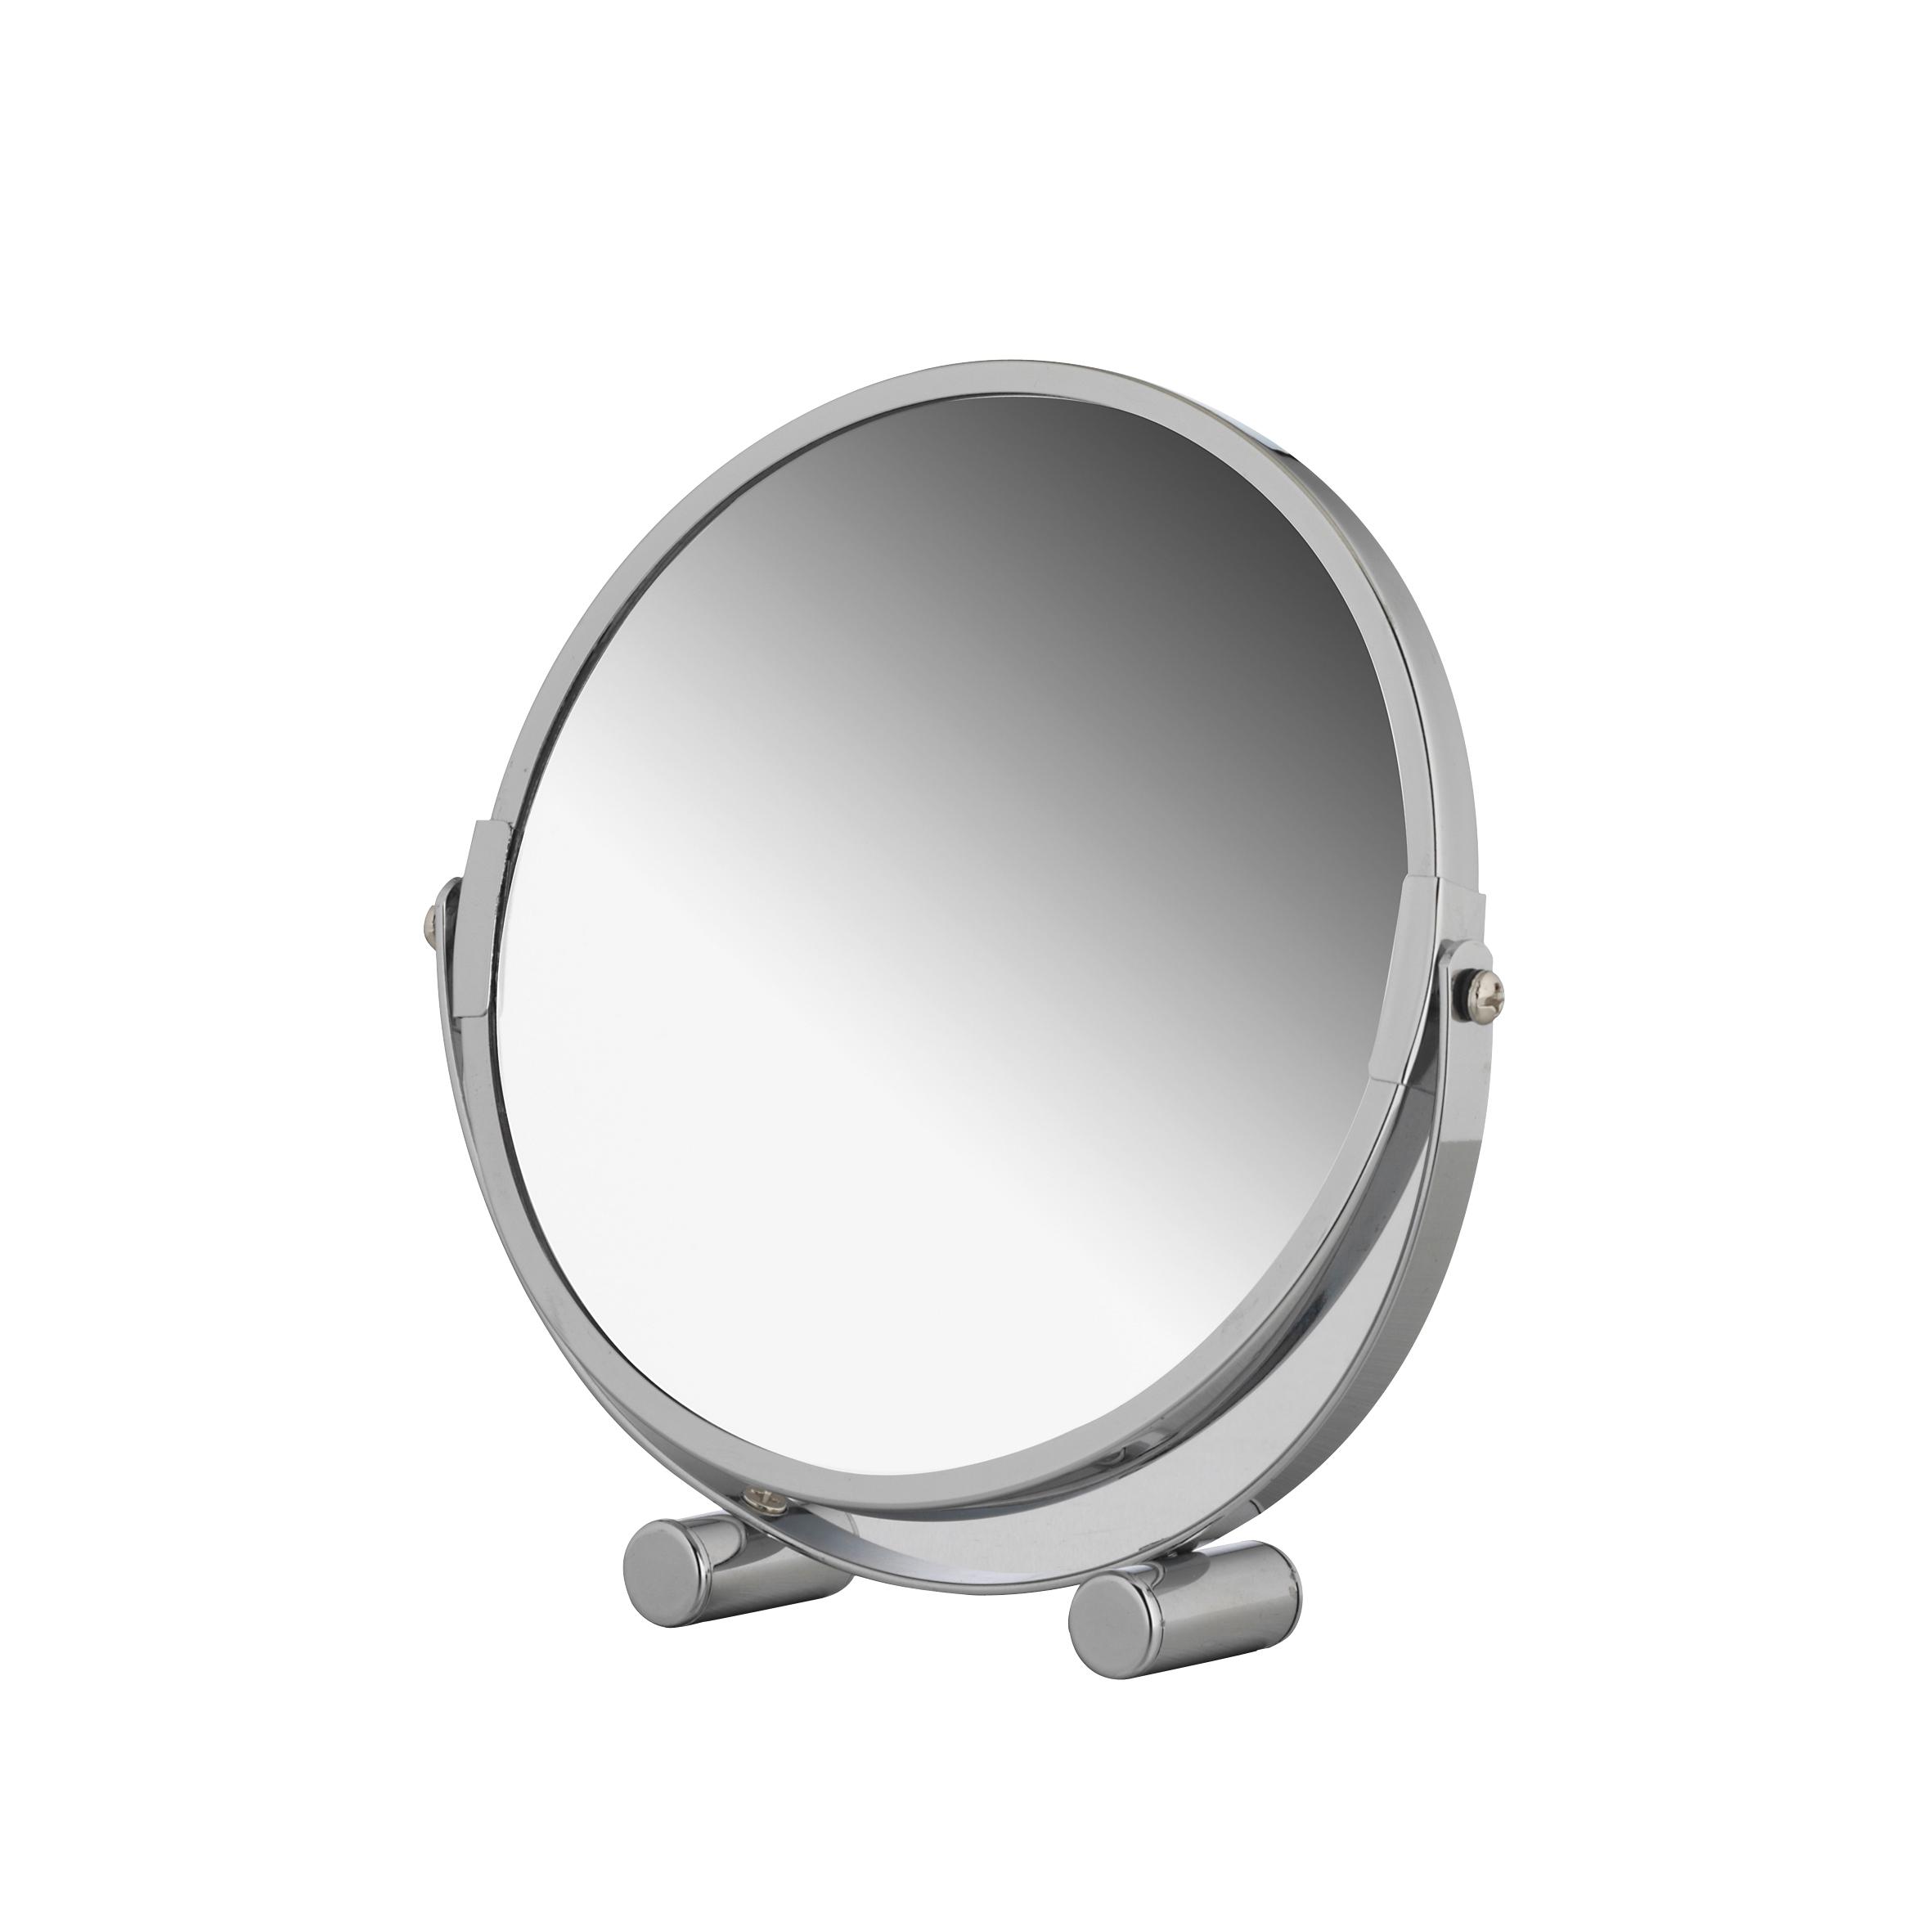 Зеркало косметическое Axentia, настольное, диаметр 17 см4-75Двухсторонне косметическое зеркало Axentia с трехкратным увеличением с одной из сторон идеально подойдет для косметических процедур, нанесения и снятия макияжа, коррекции бровей и многого другого. Изделие имеет настольную конструкцию.Компактные размеры и возможность разворота на 360 градусов создаст дополнительный комфорт при использовании данного аксессуара.Диаметр зеркала: 17 см.